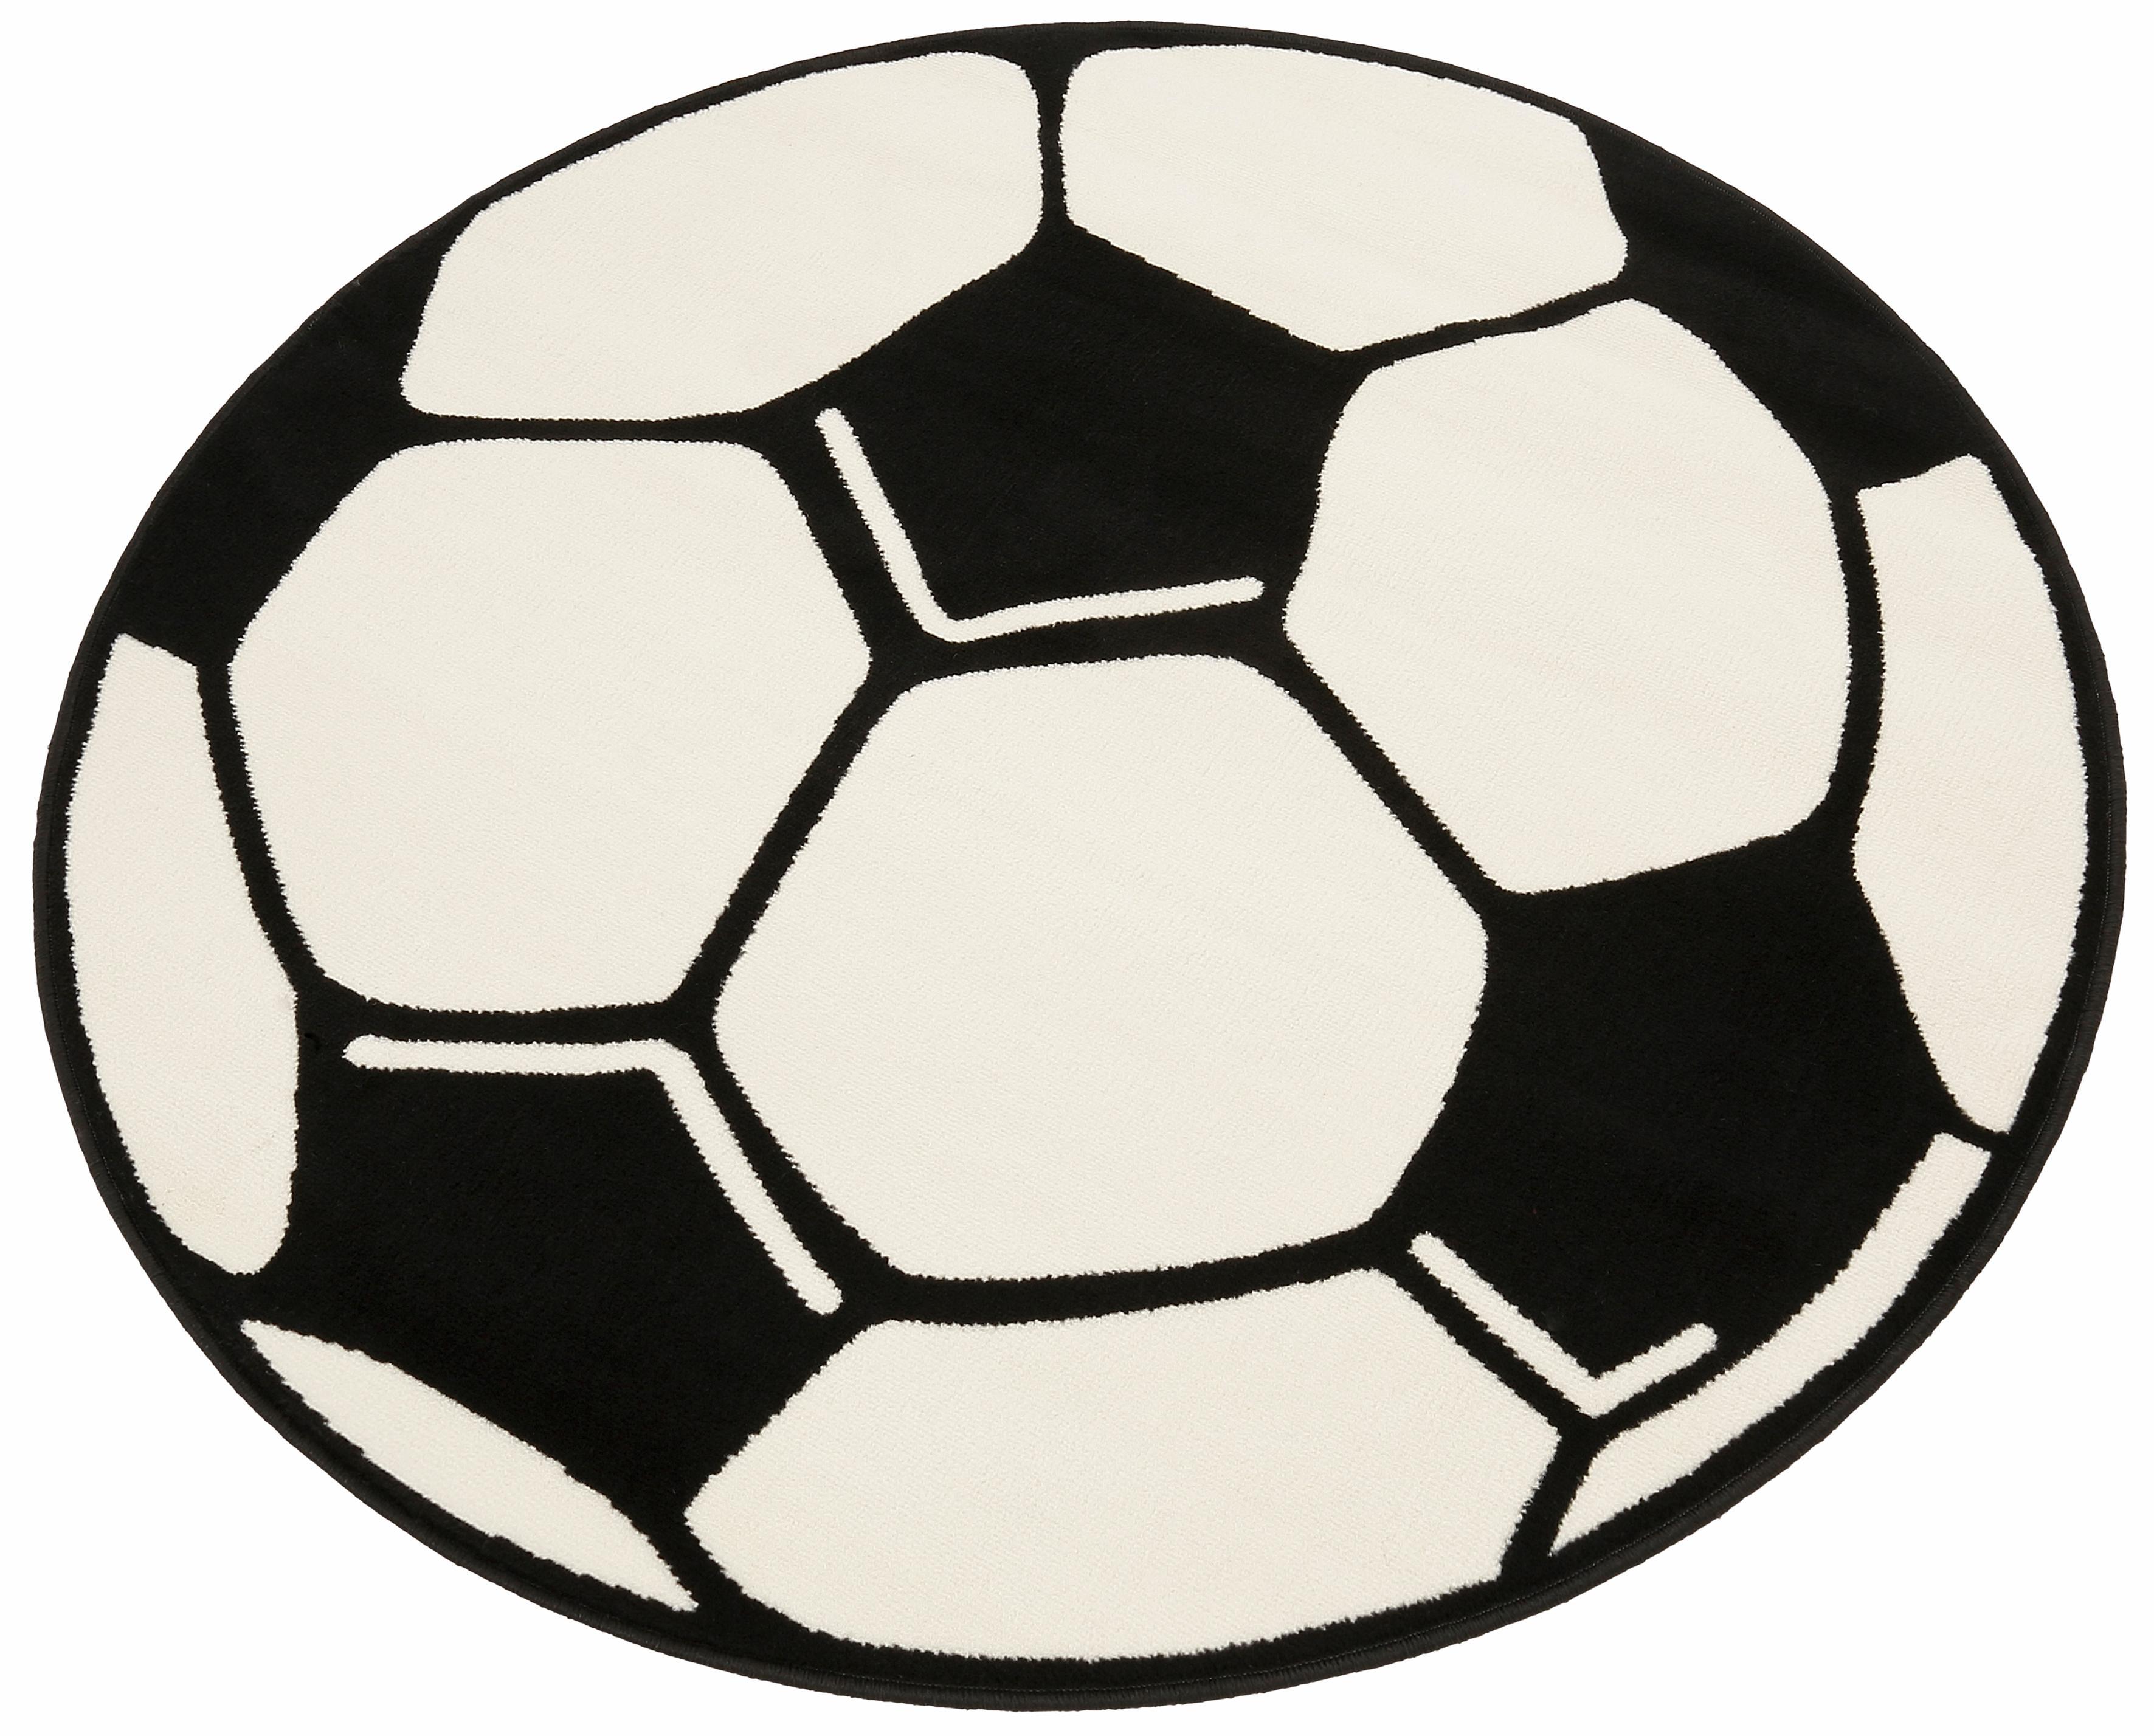 Ongebruikt ECOREPUBLIC HOME Geweven kinder-vloerkleed Voetbal snel gevonden LV-76